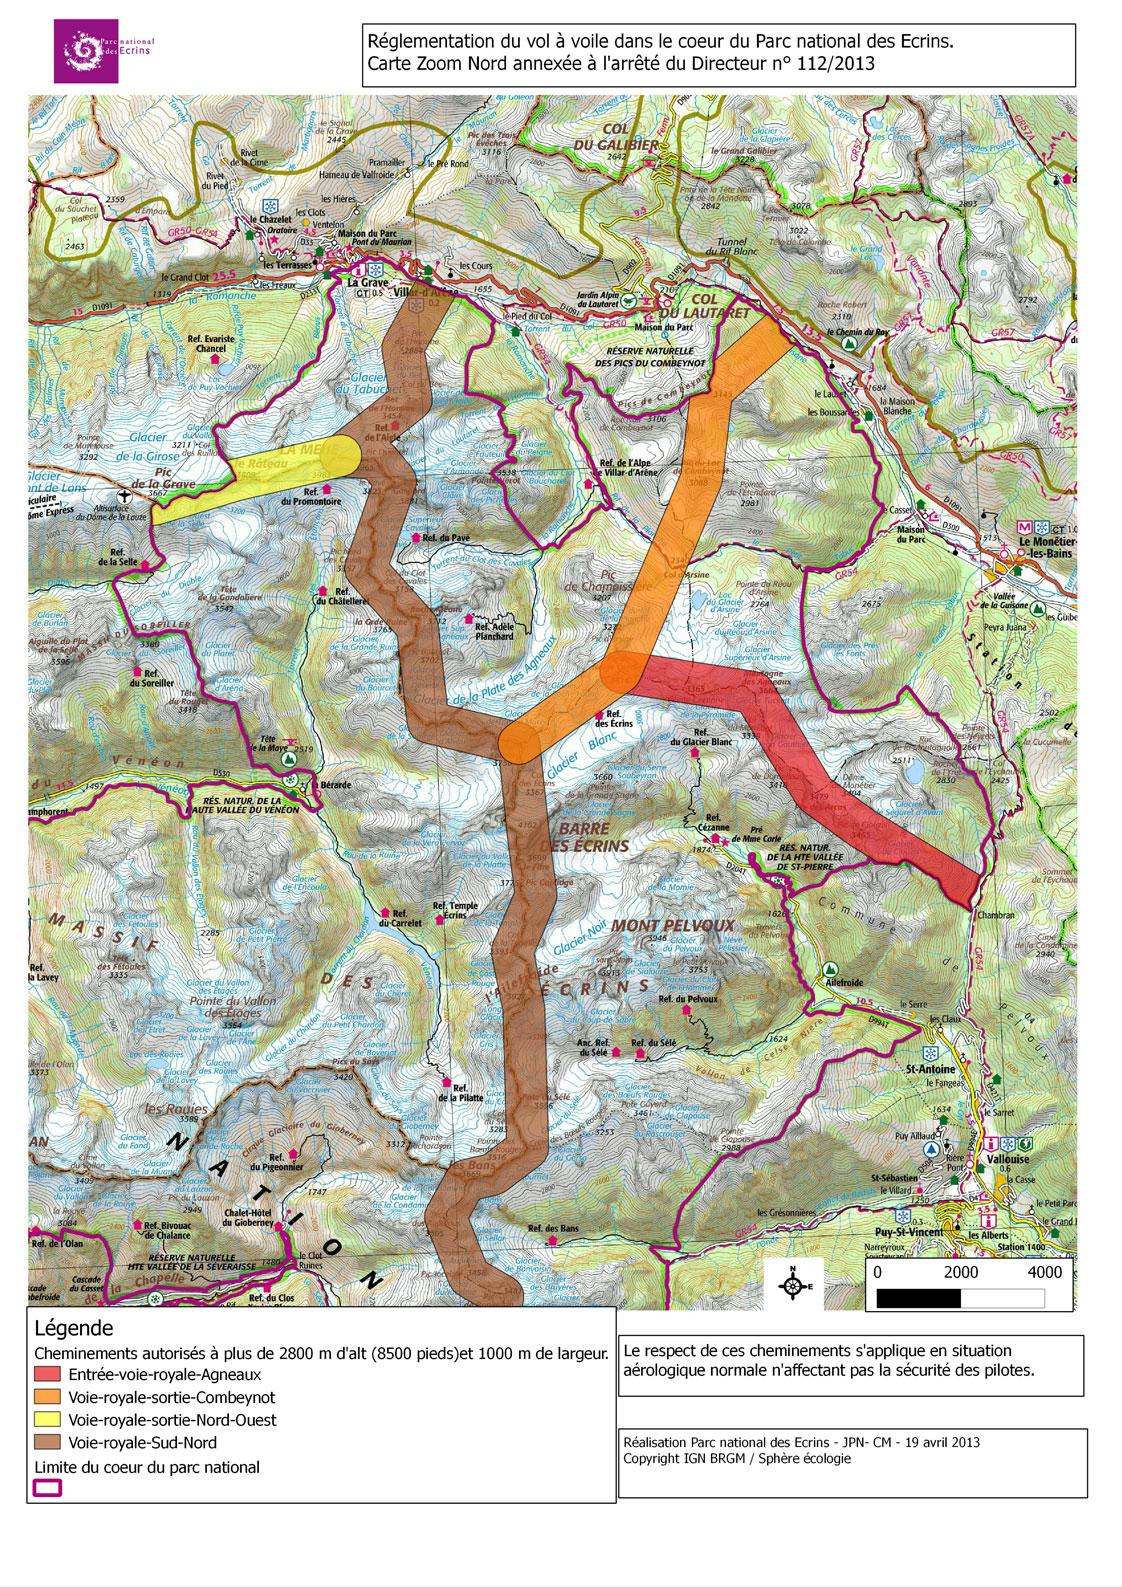 2013-vol-voile-carte-zoom-nord.jpg